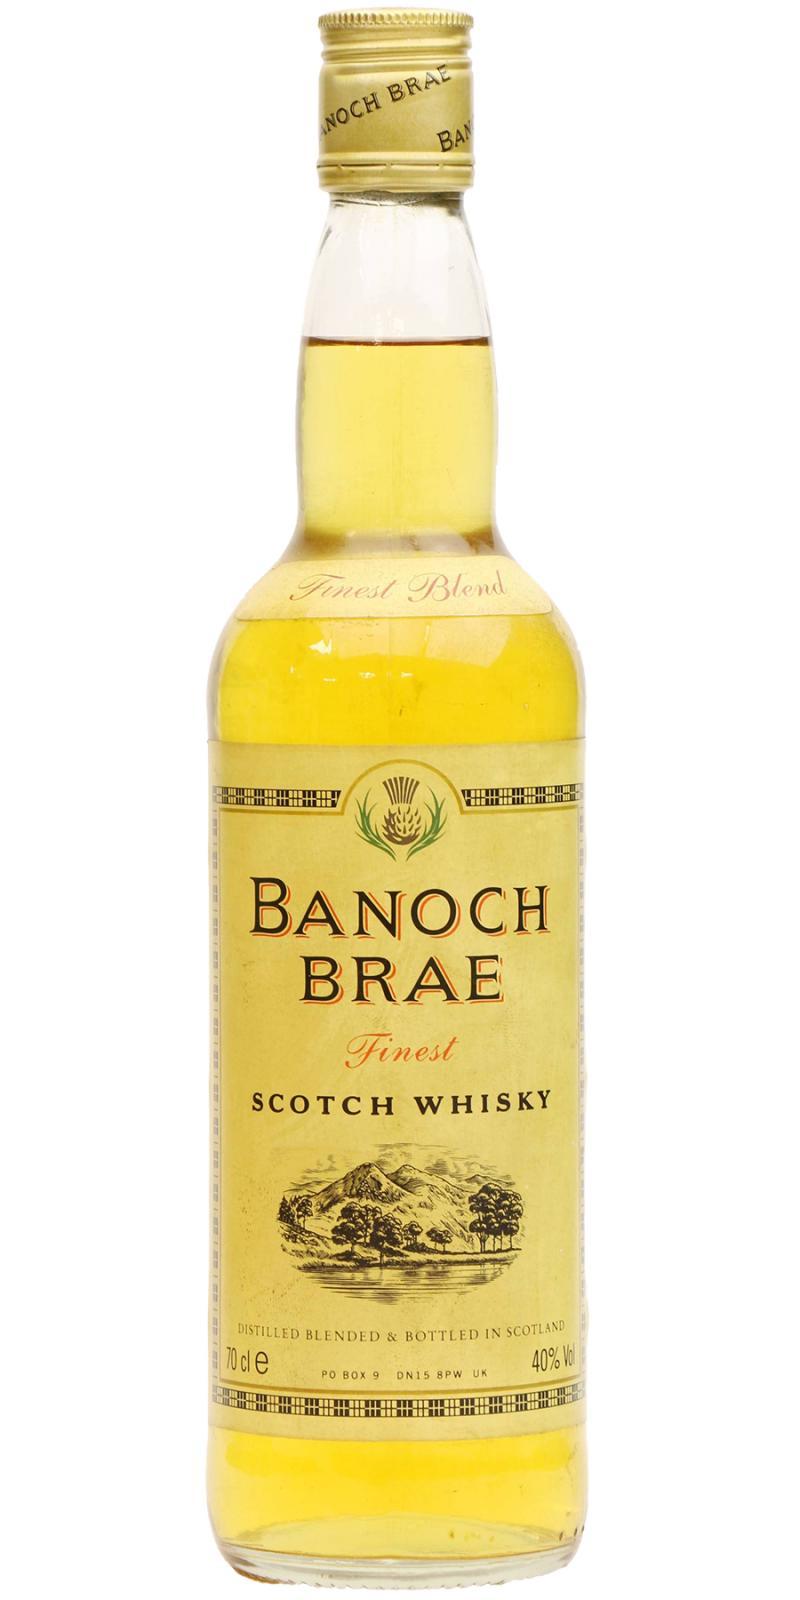 Banoch Brae Finest Scotch Whisky